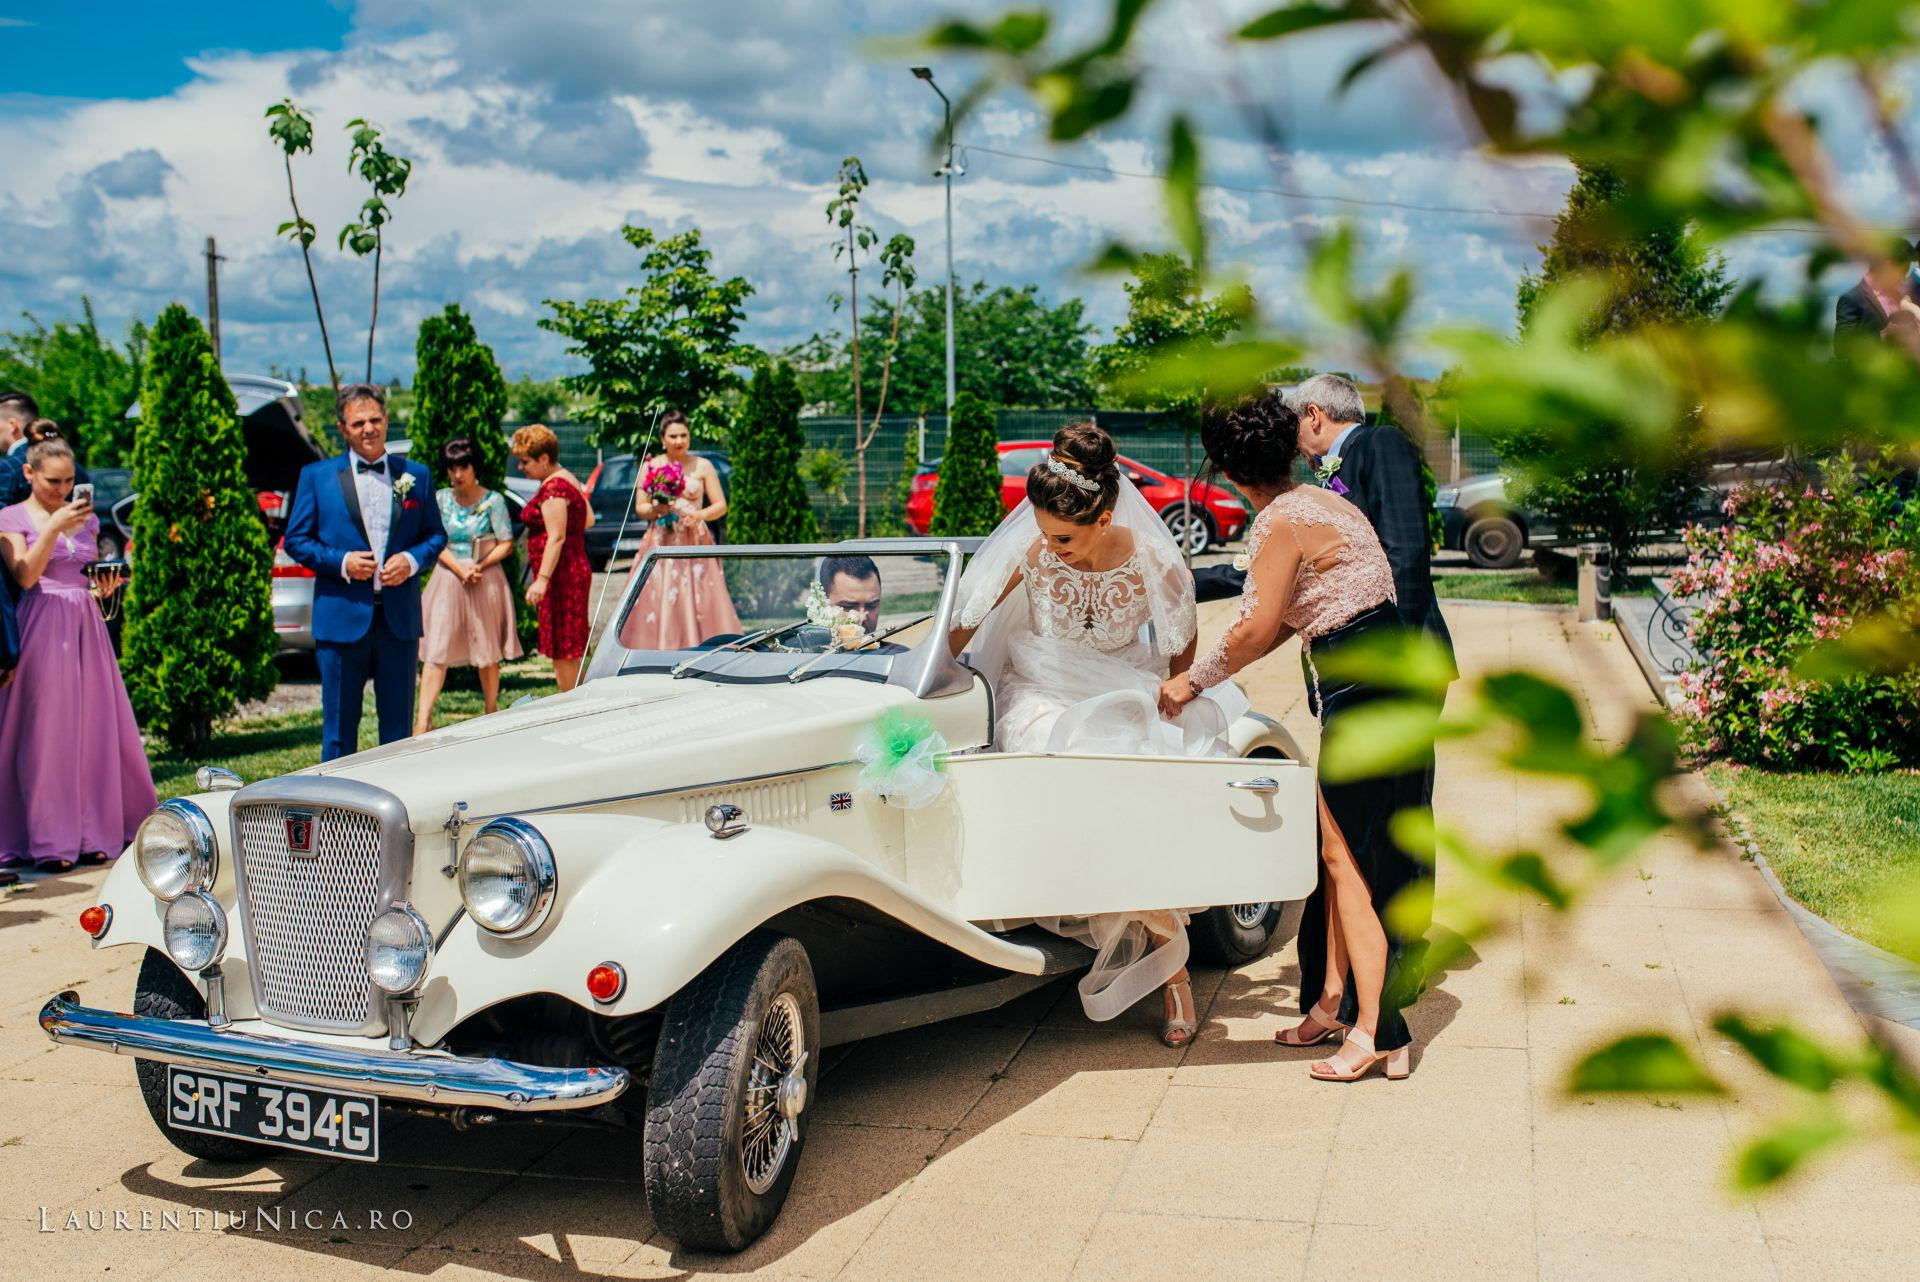 denisa si catalin fotograf nunta laurentiu nica craiova 36 - Denisa si Catalin | Fotografii nunta | Craiova